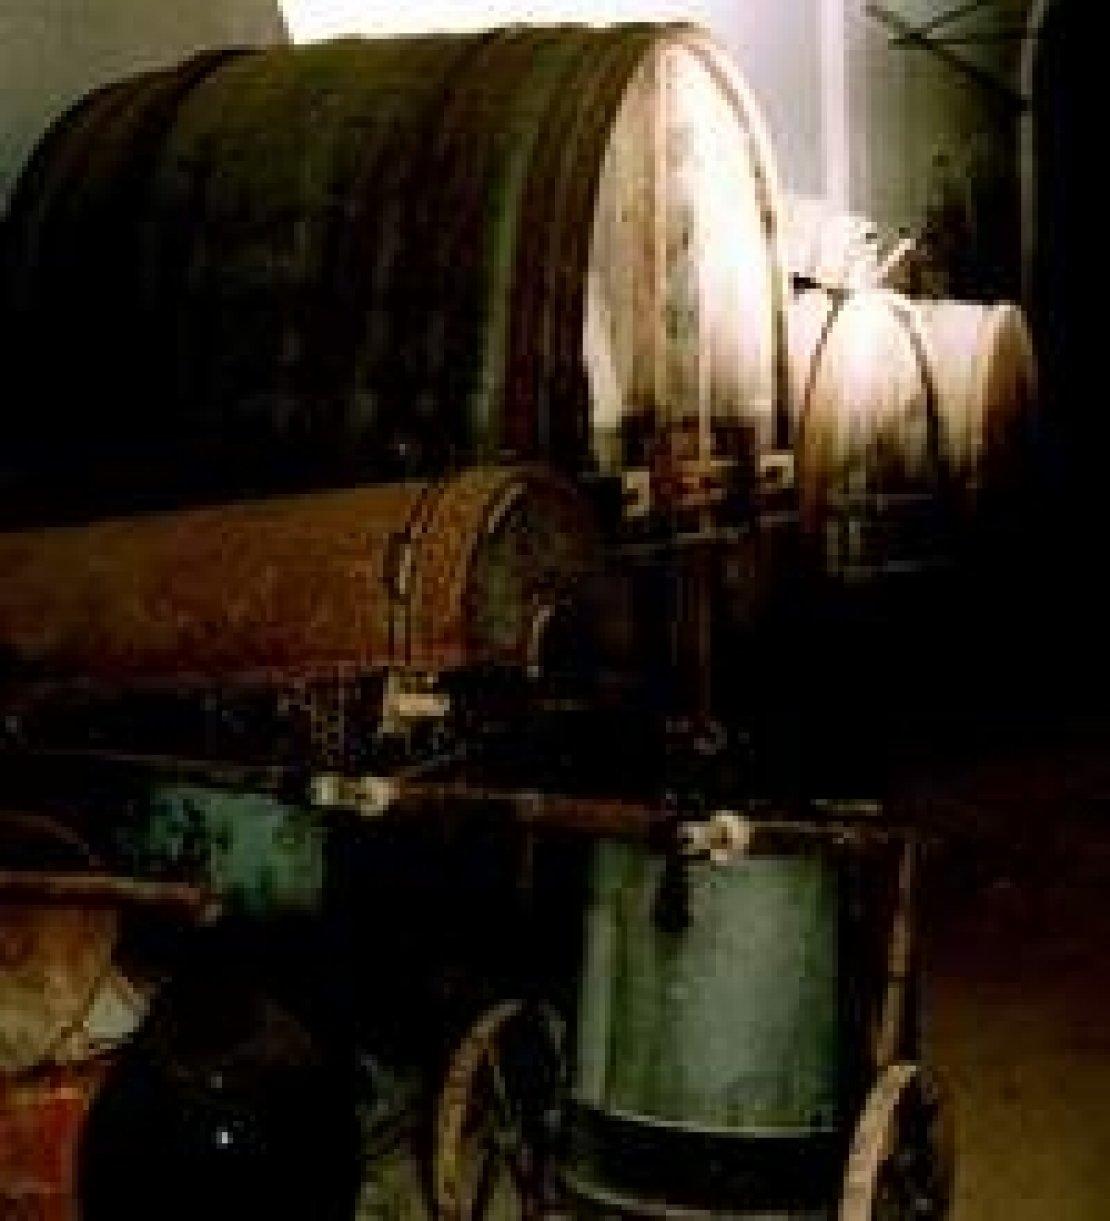 L'isola di Pianosa e il ritorno al vino, con l'intervento dei Frescobaldi